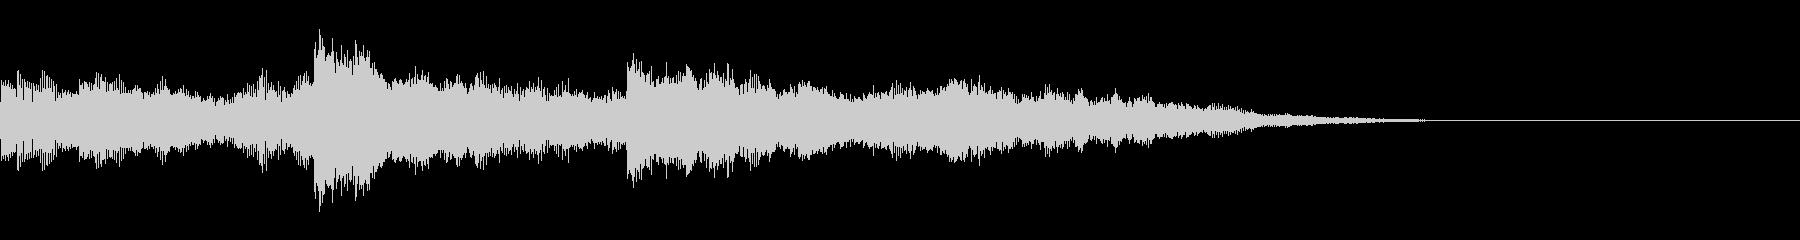 オーガニックなオープニングサウンドロゴ3の未再生の波形